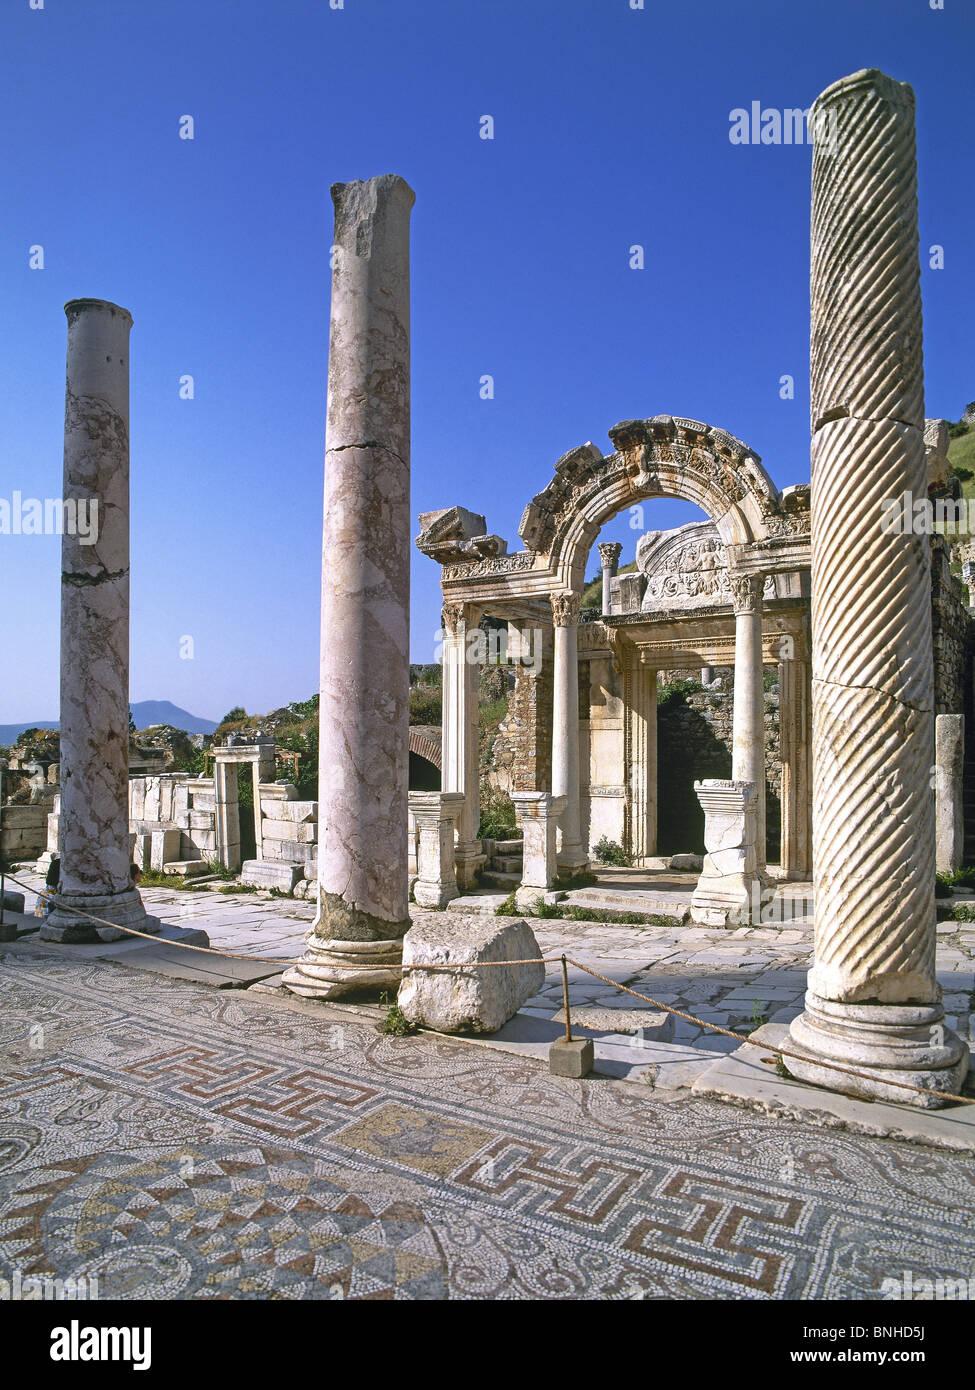 La Turchia 2008 Efeso città antica città antica sede storica rovina rovine greco ellenistico storia romana Tempio Foto Stock